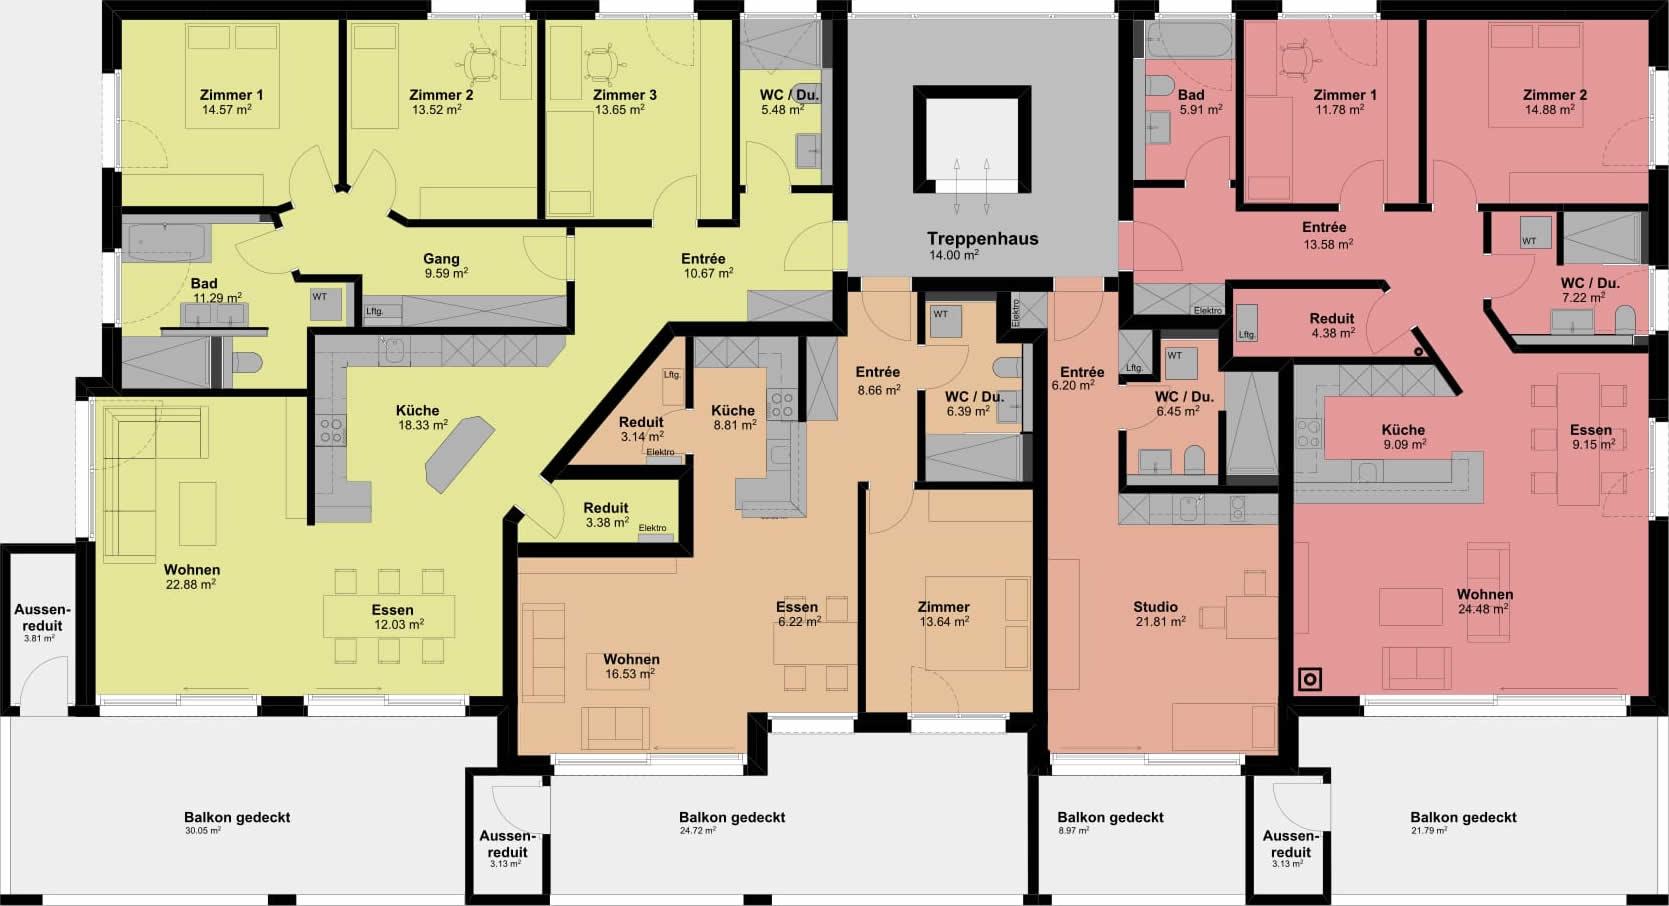 westfield_mehrfamilienhaus_haerkingen_grundriss_obergeschoss.jpg